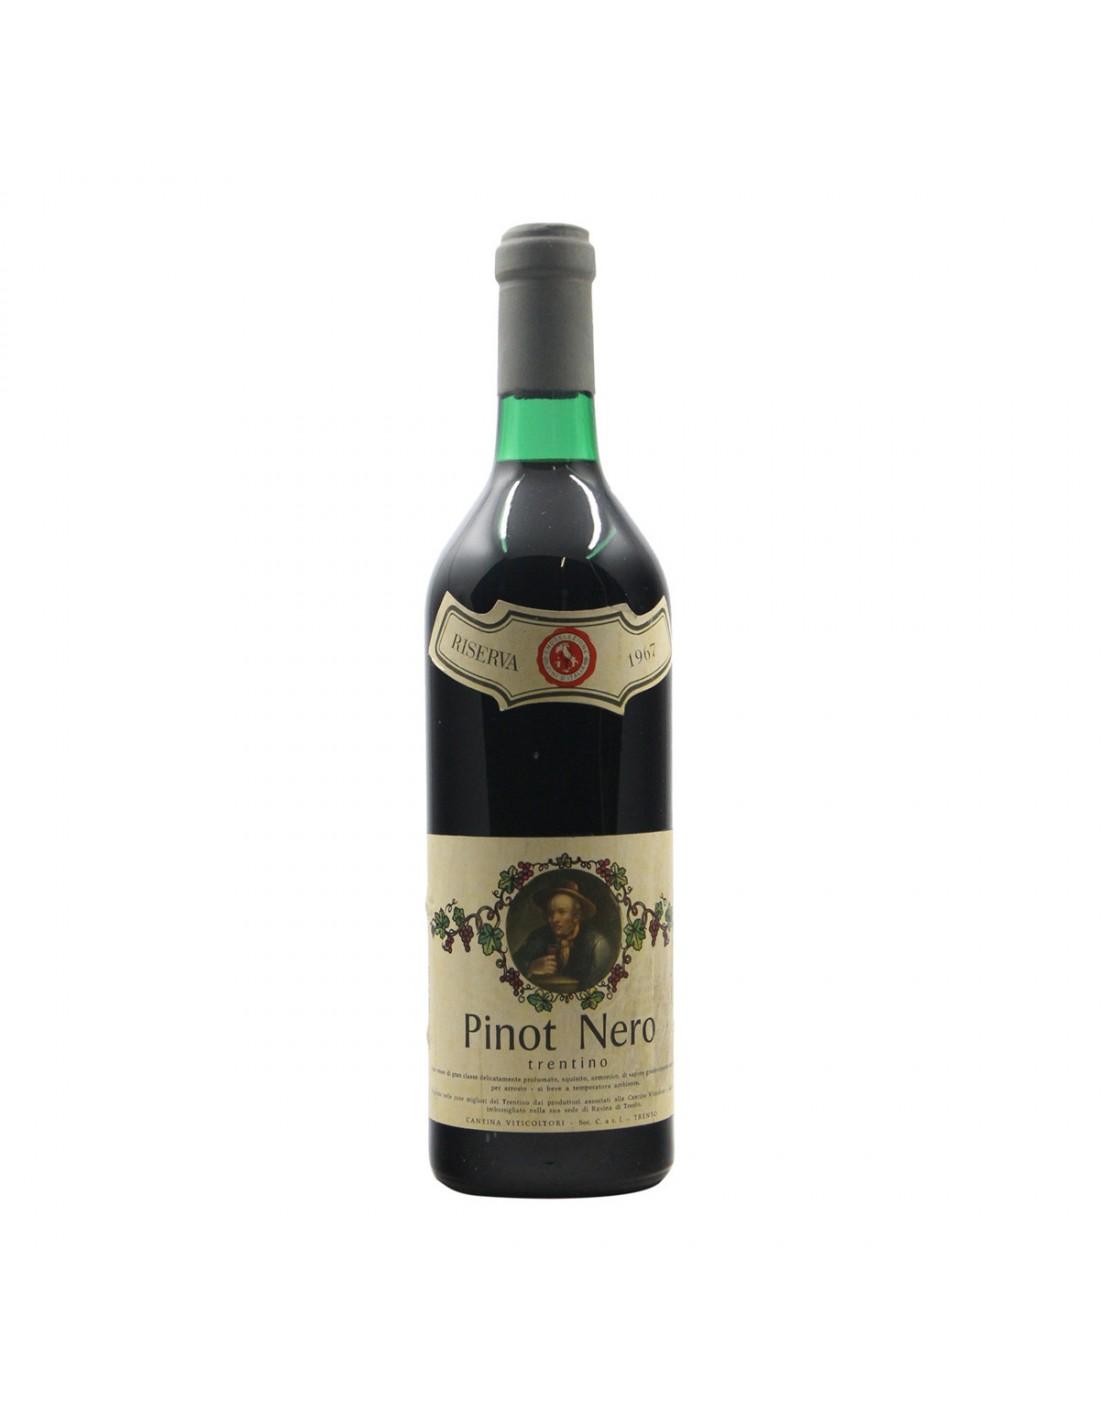 Pinot Nero Trentino Riserva 1967 CANTINA VITICOLTORI GRANDI